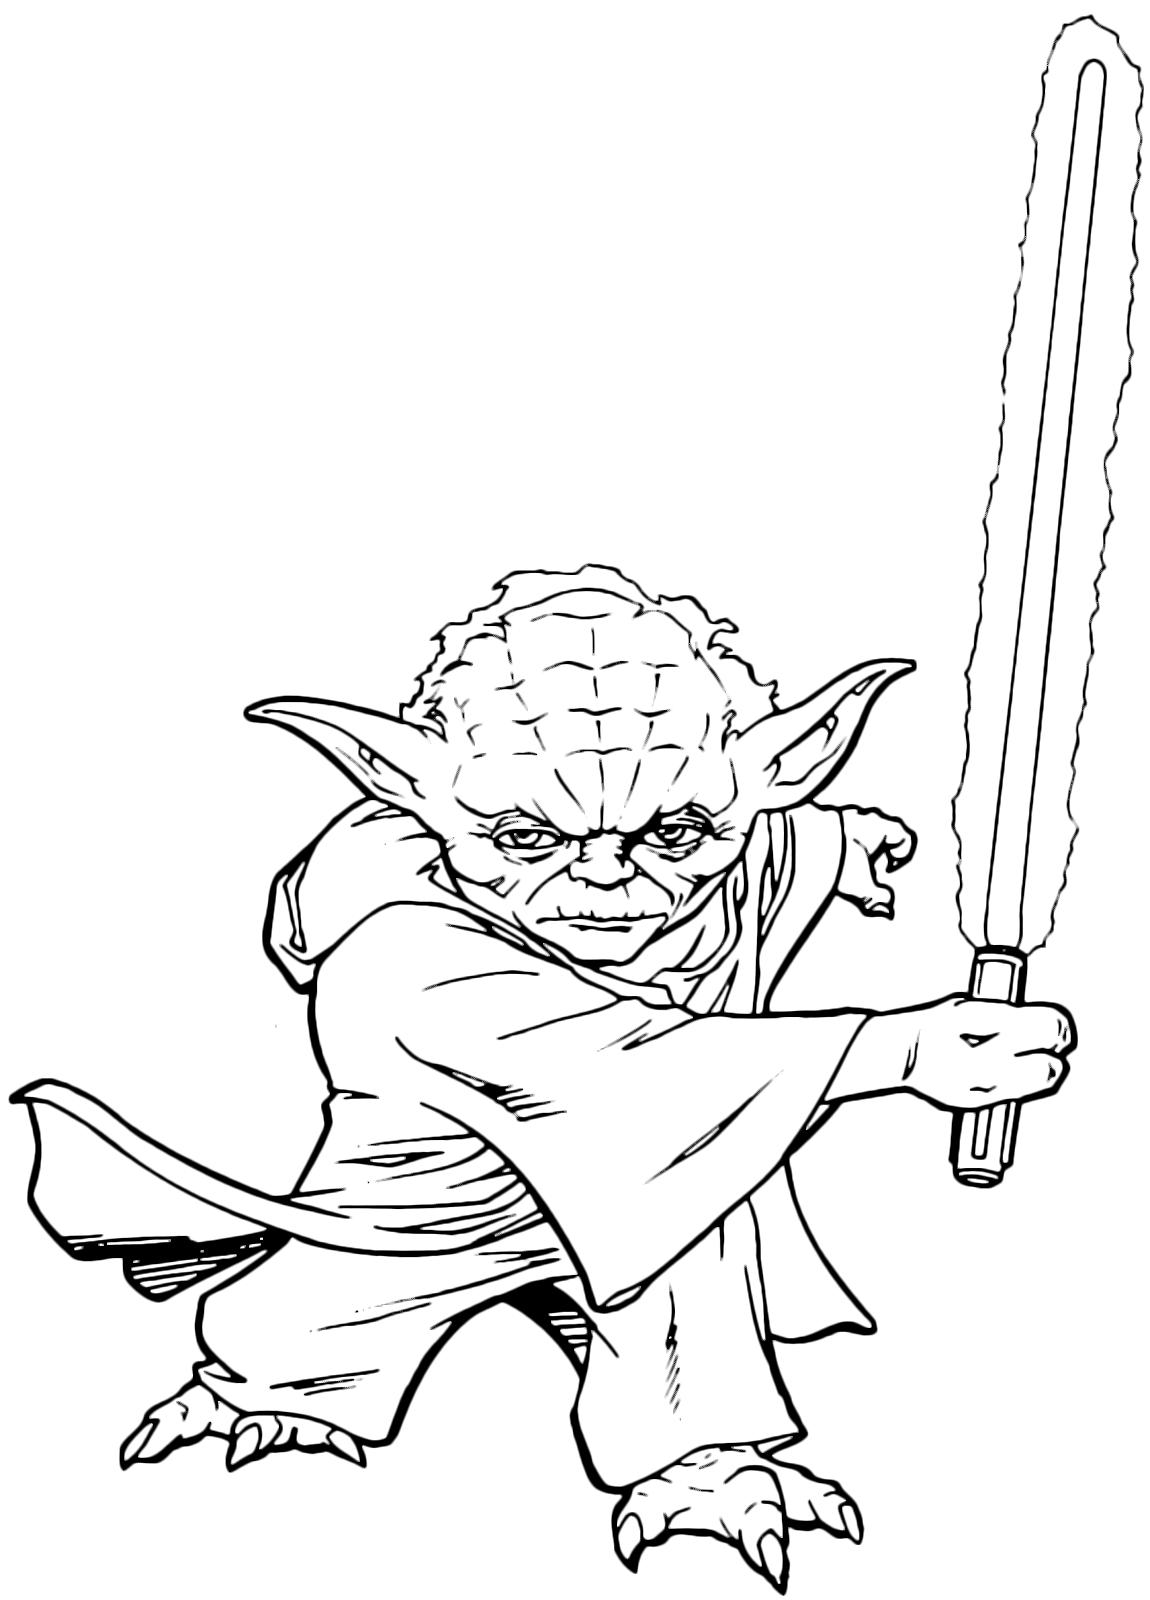 Star Wars Il Maestro Jedi Yoda Pronto A Combattere Con La Sua